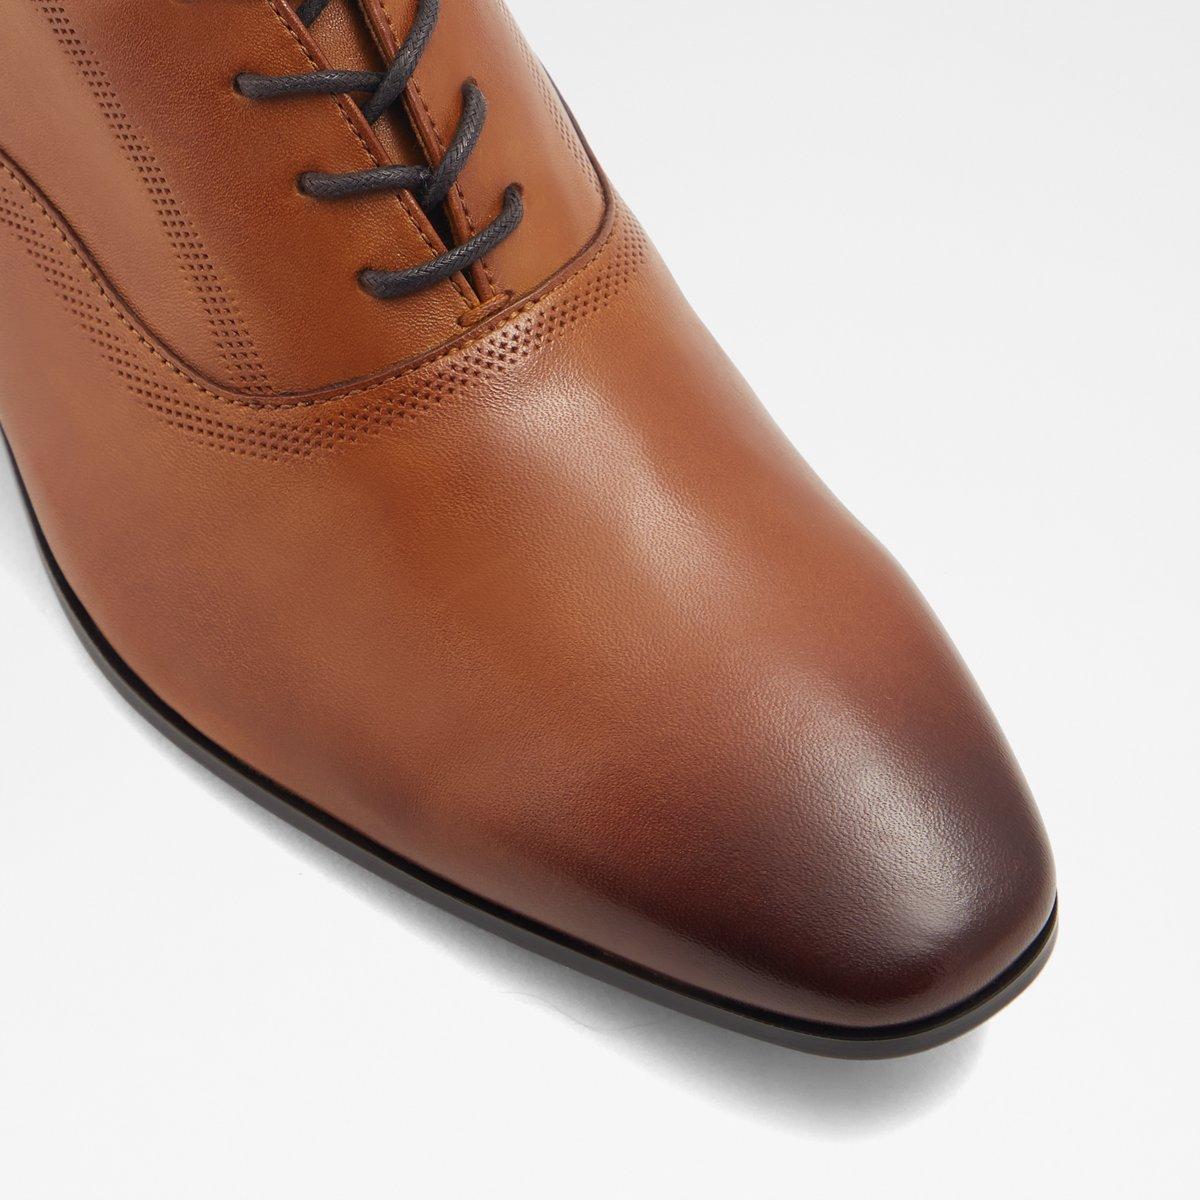 Kedireviel Cognac Men's Dress shoes